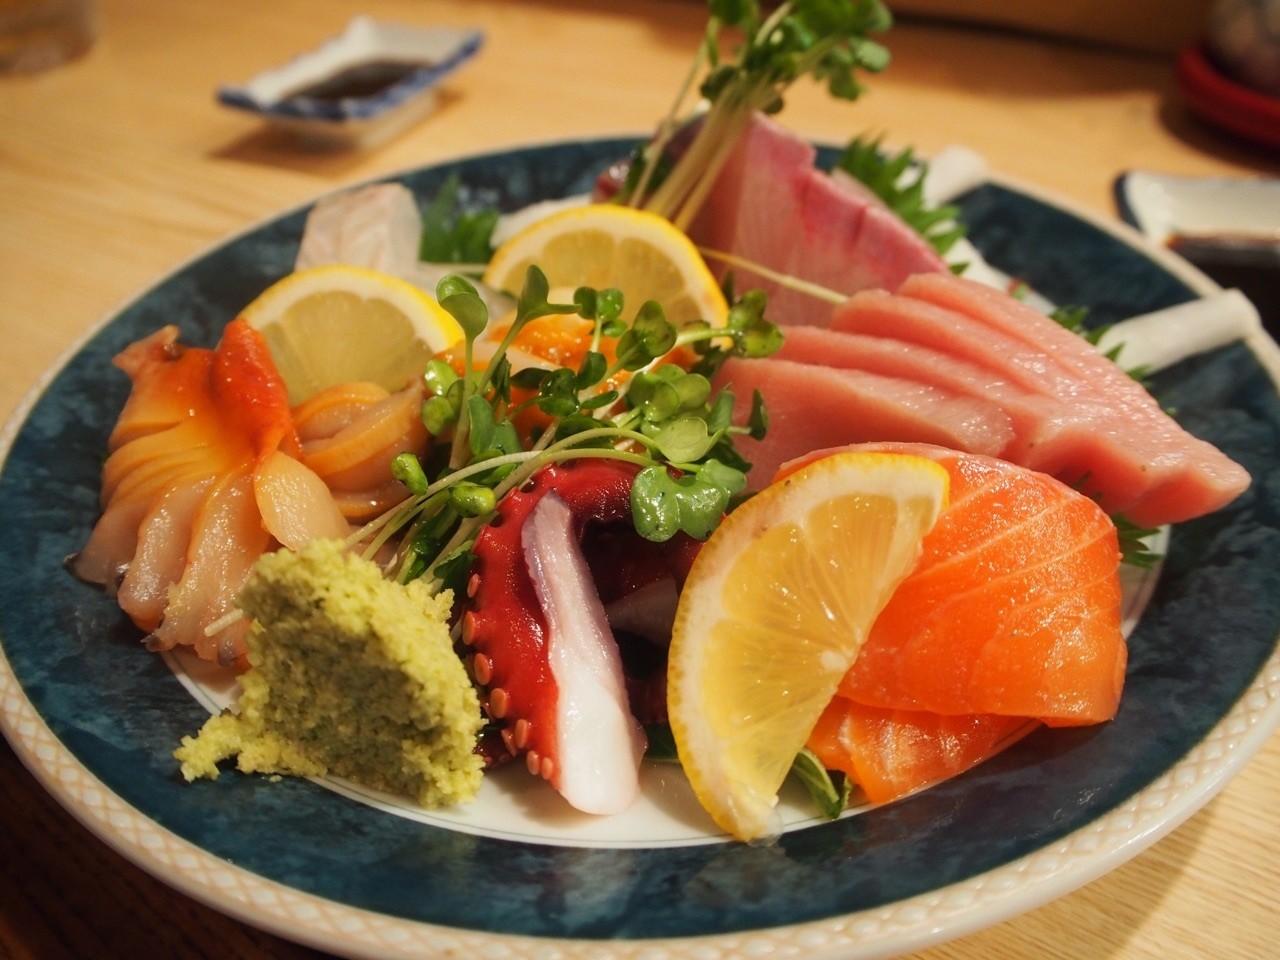 大阪居酒屋新鮮生魚片綜合拼盤